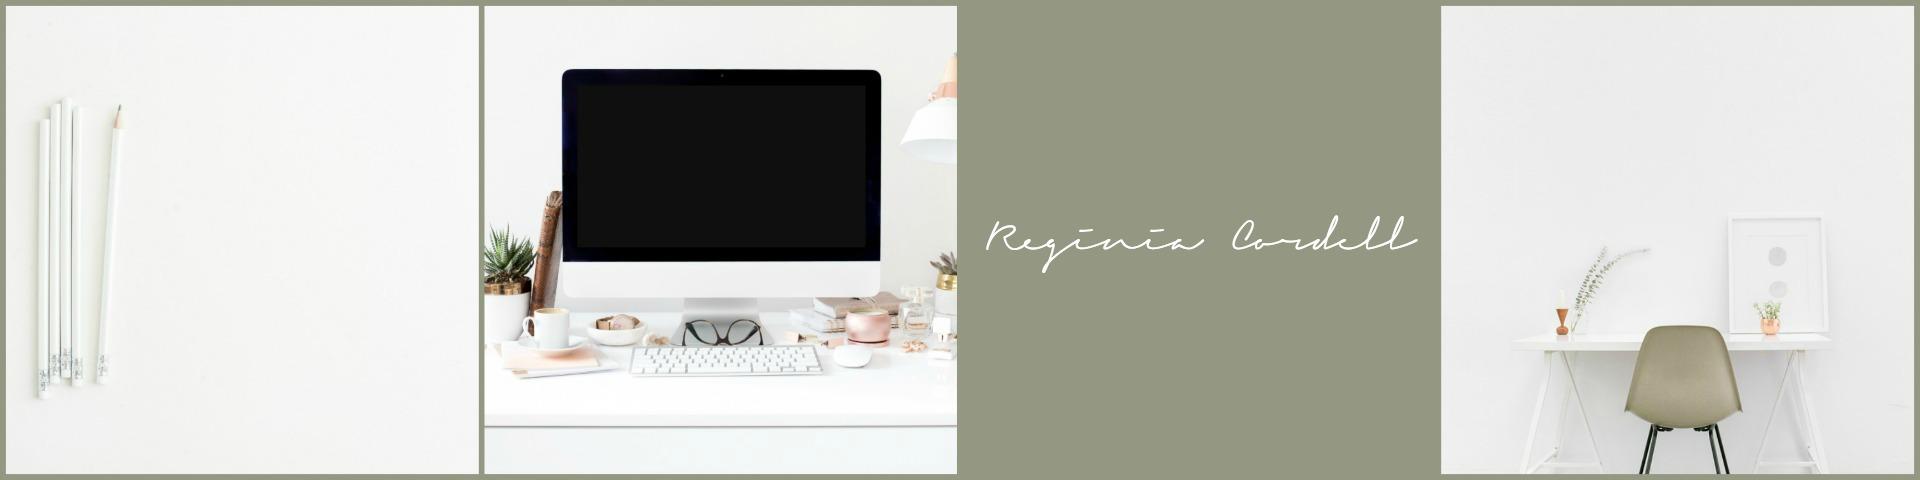 Reginia-Cordell-header-2017